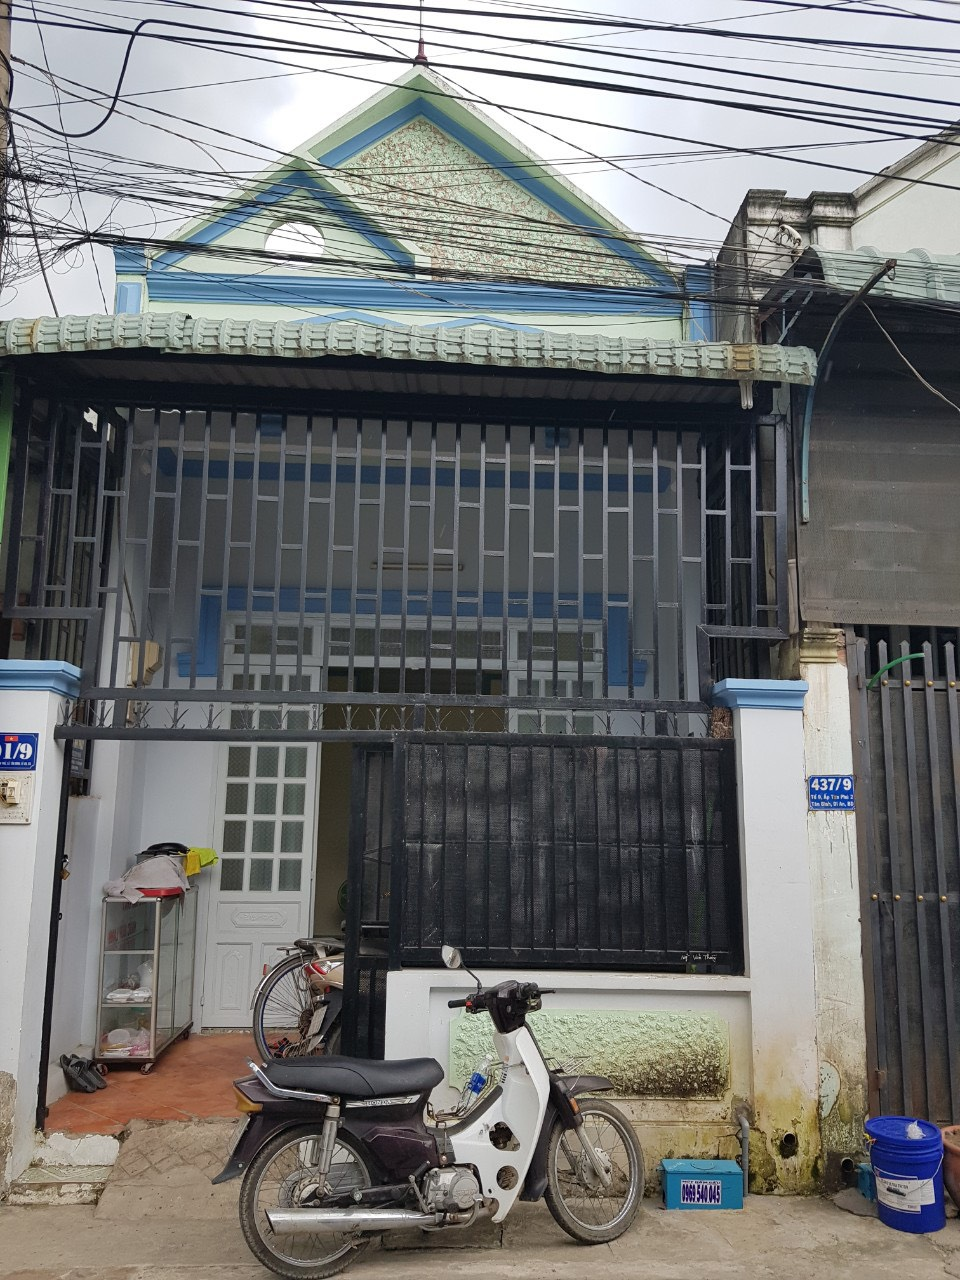 Bán nhà Dĩ An cấp 4 gác lững sổ chung phường Tân Bình thị xã Dĩ An